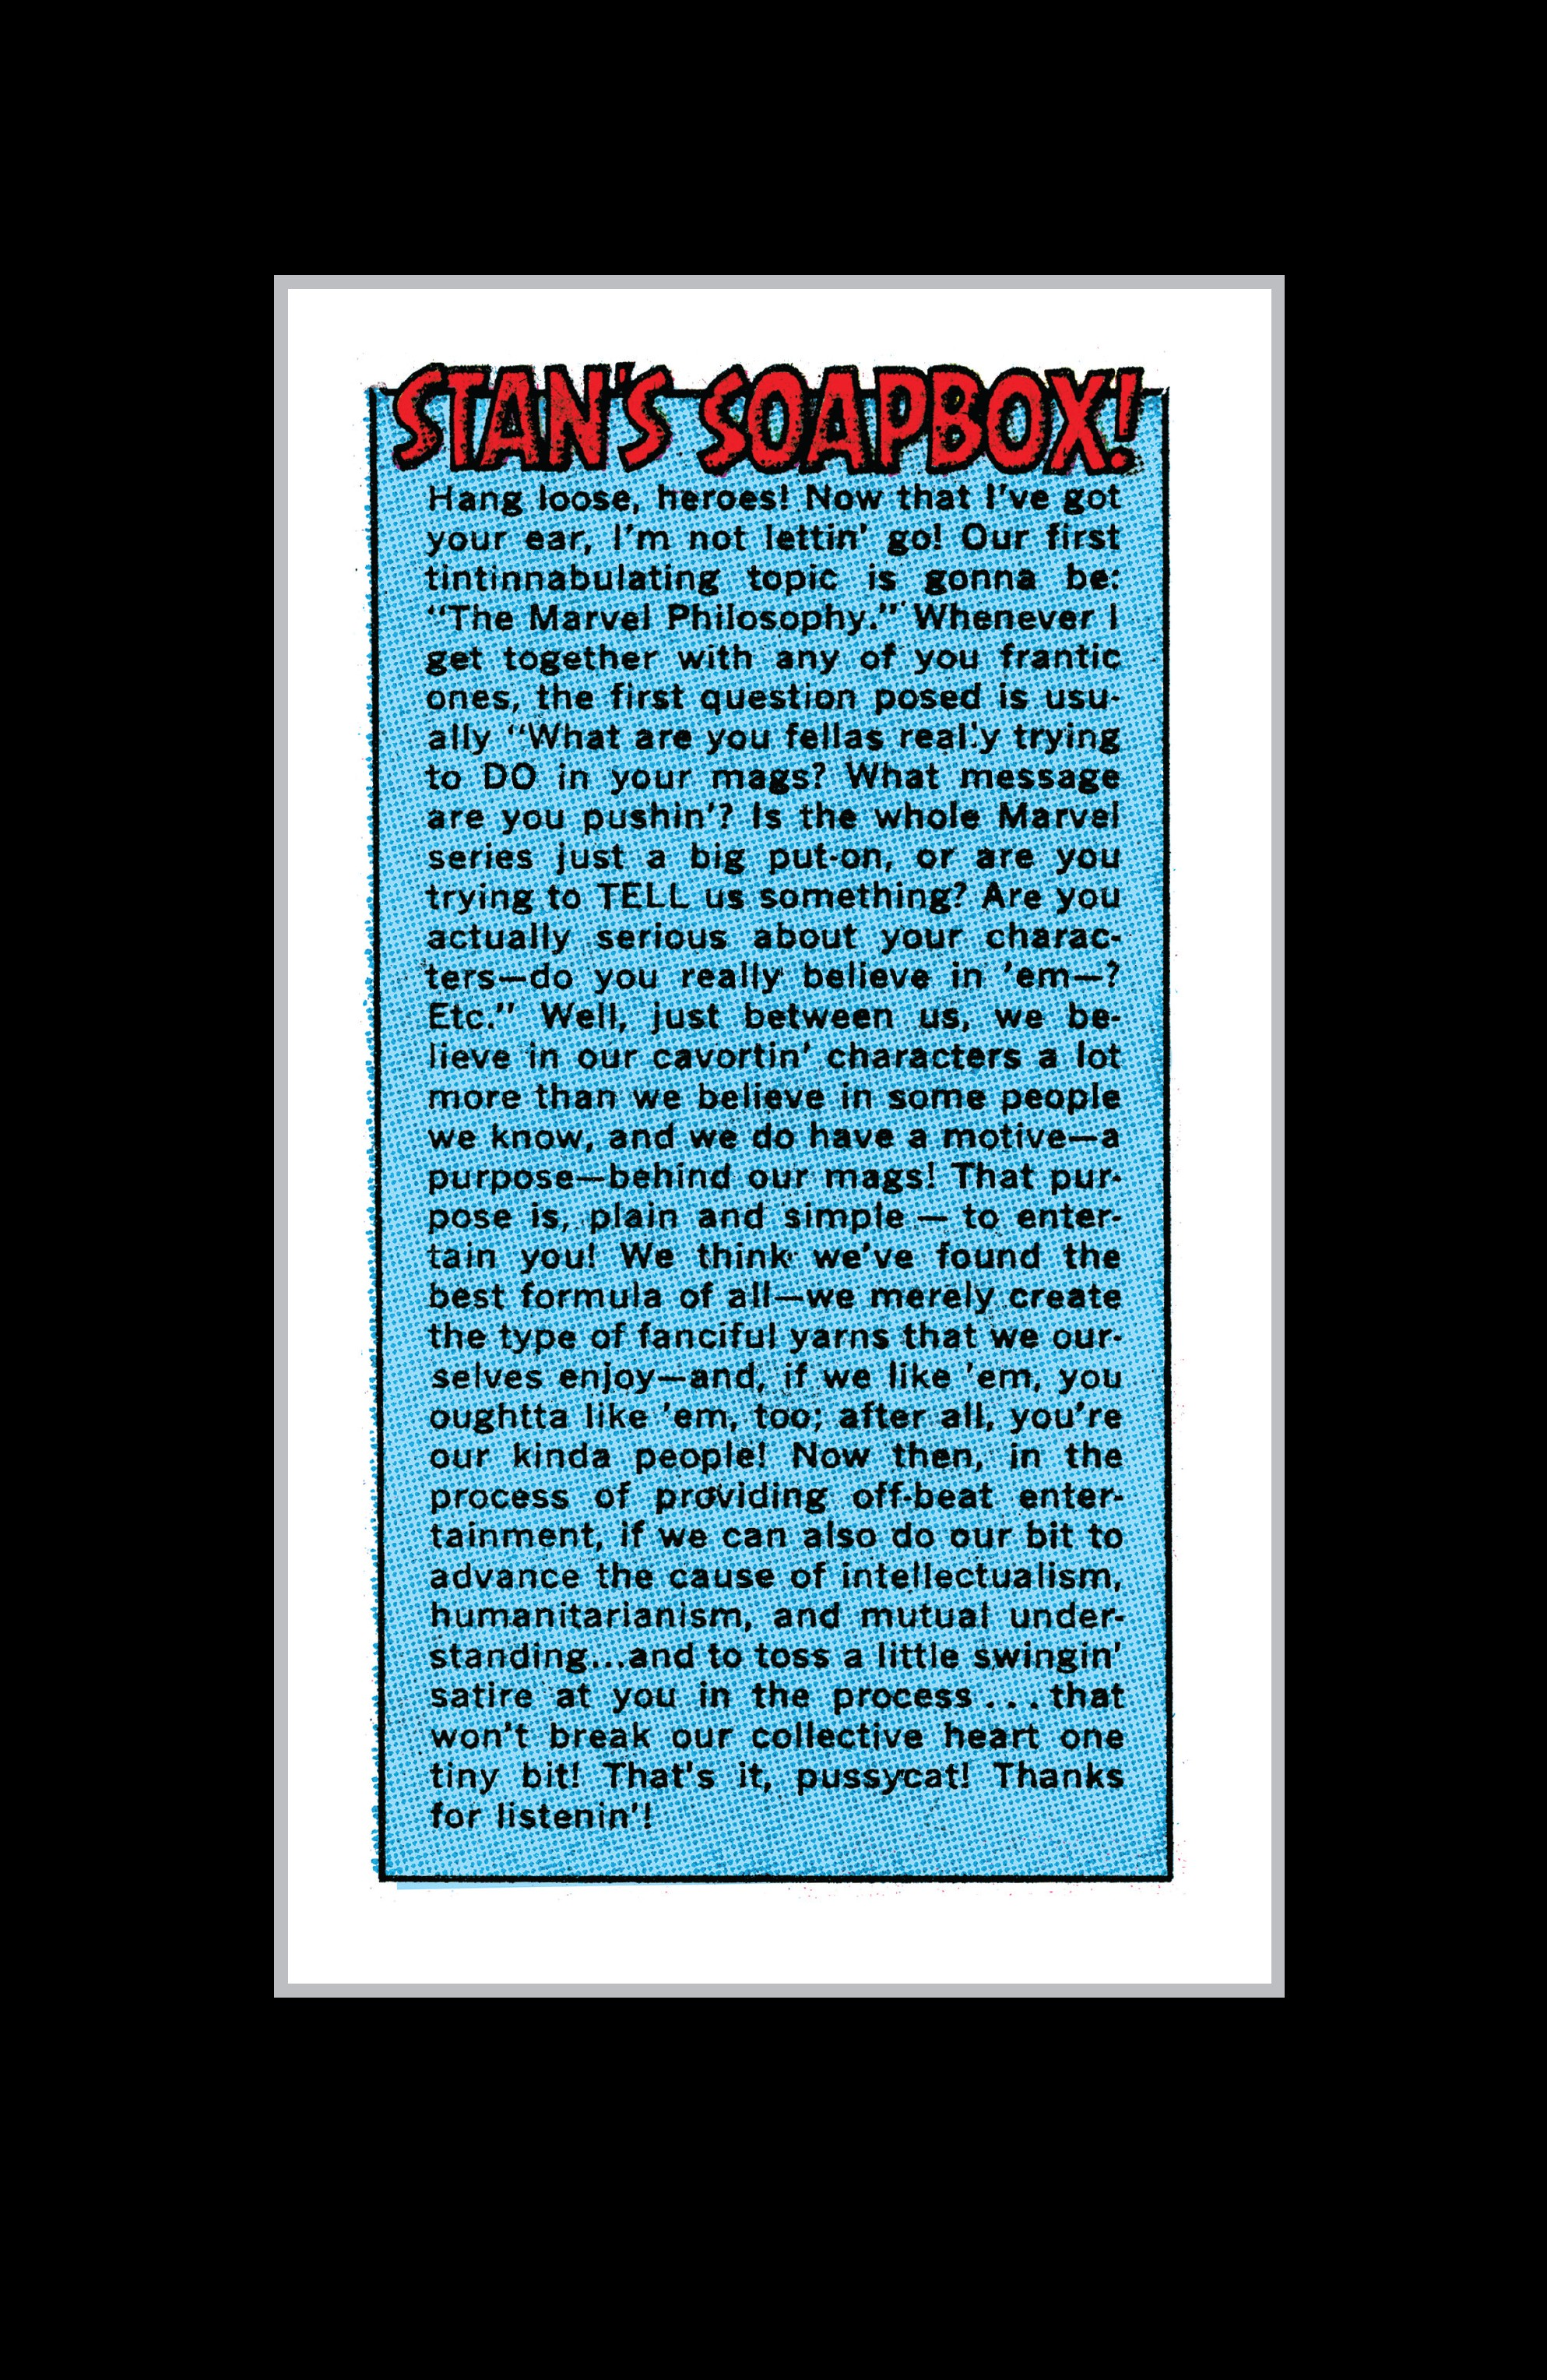 Superior Spider-Man (2019) issue 1 - Page 24